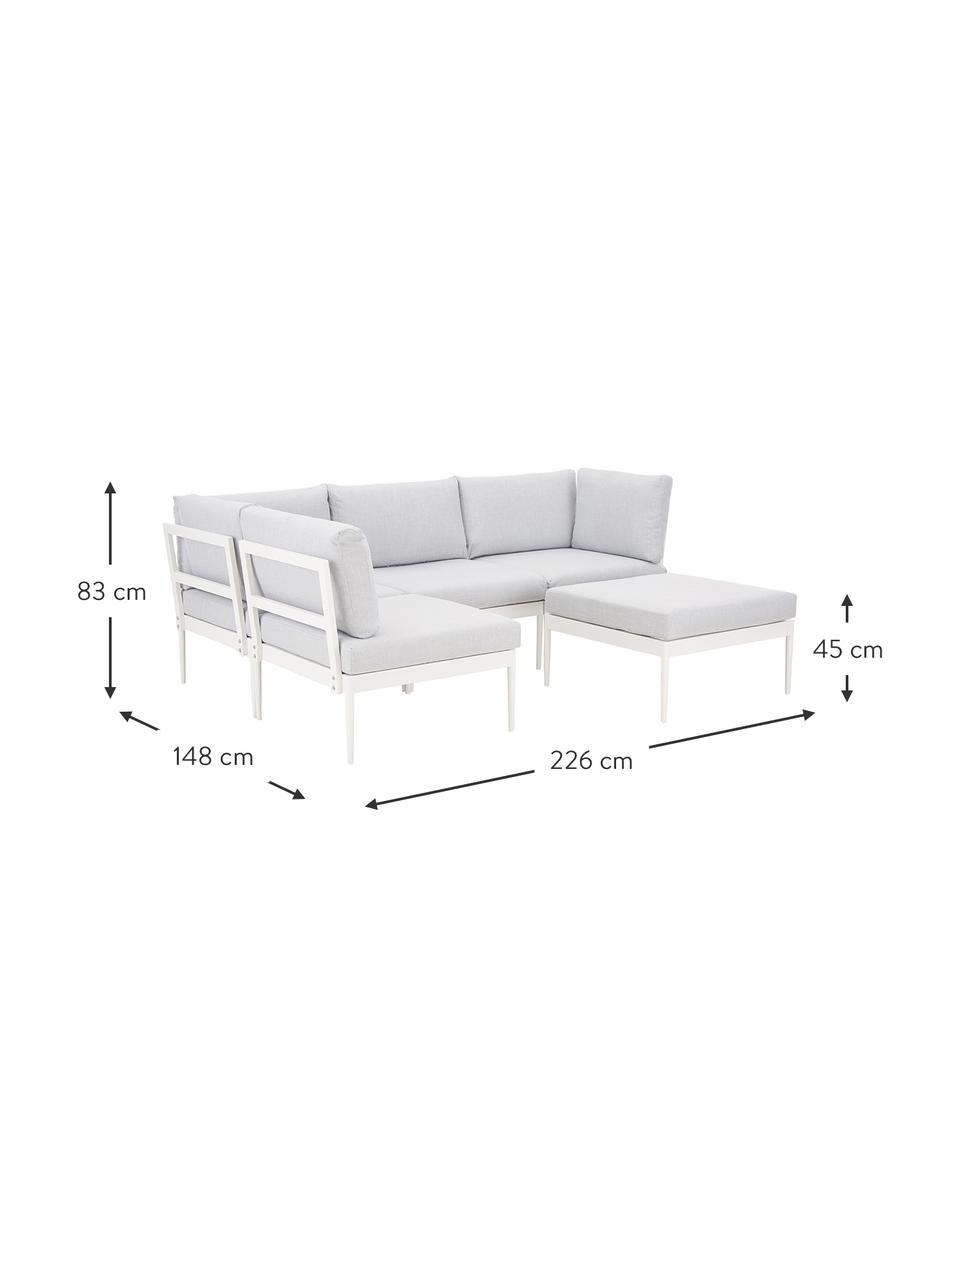 Modulaire tuin loungebank Acton in lichtgrijs, Bekleding: 100% polyester, Frame: gepoedercoat metaal, Grijs, 226 x 148 cm